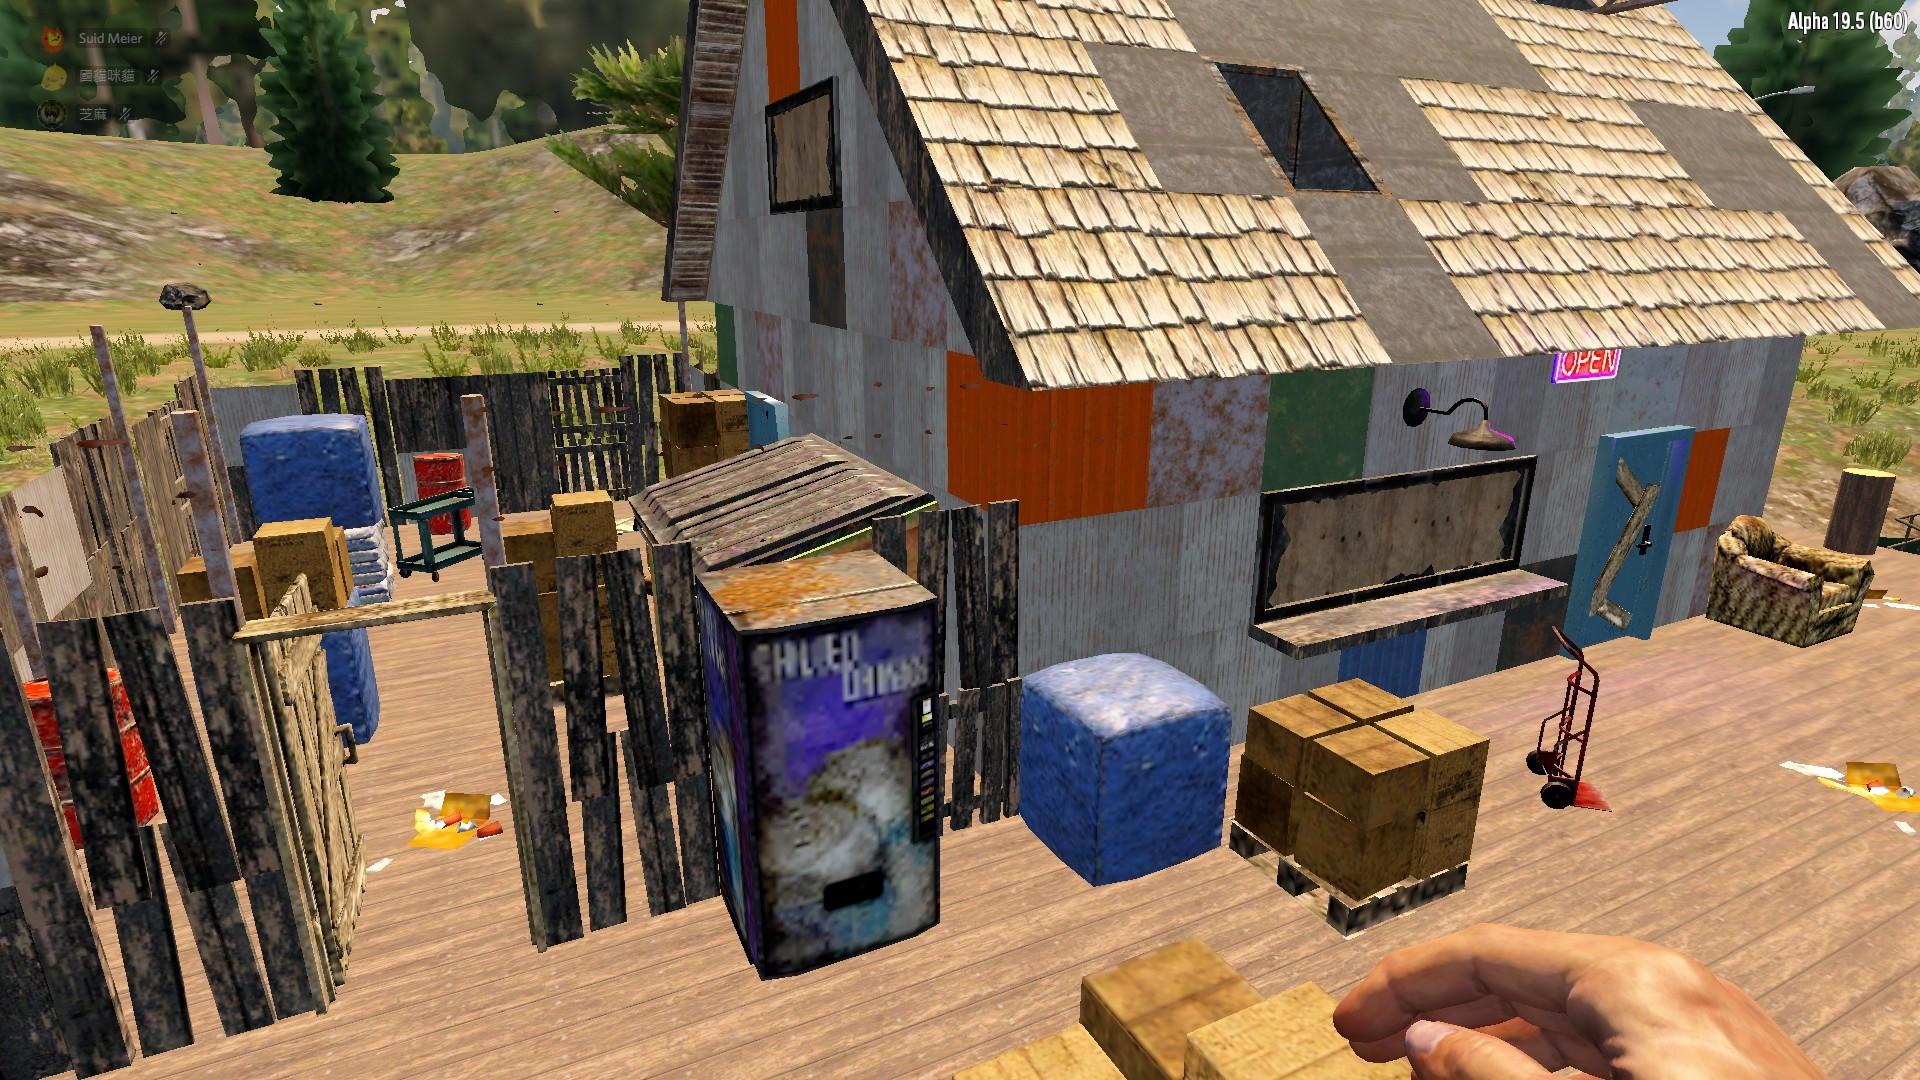 游戏《七日杀》在丧尸横行的末日废土中如何生存下去 (6)